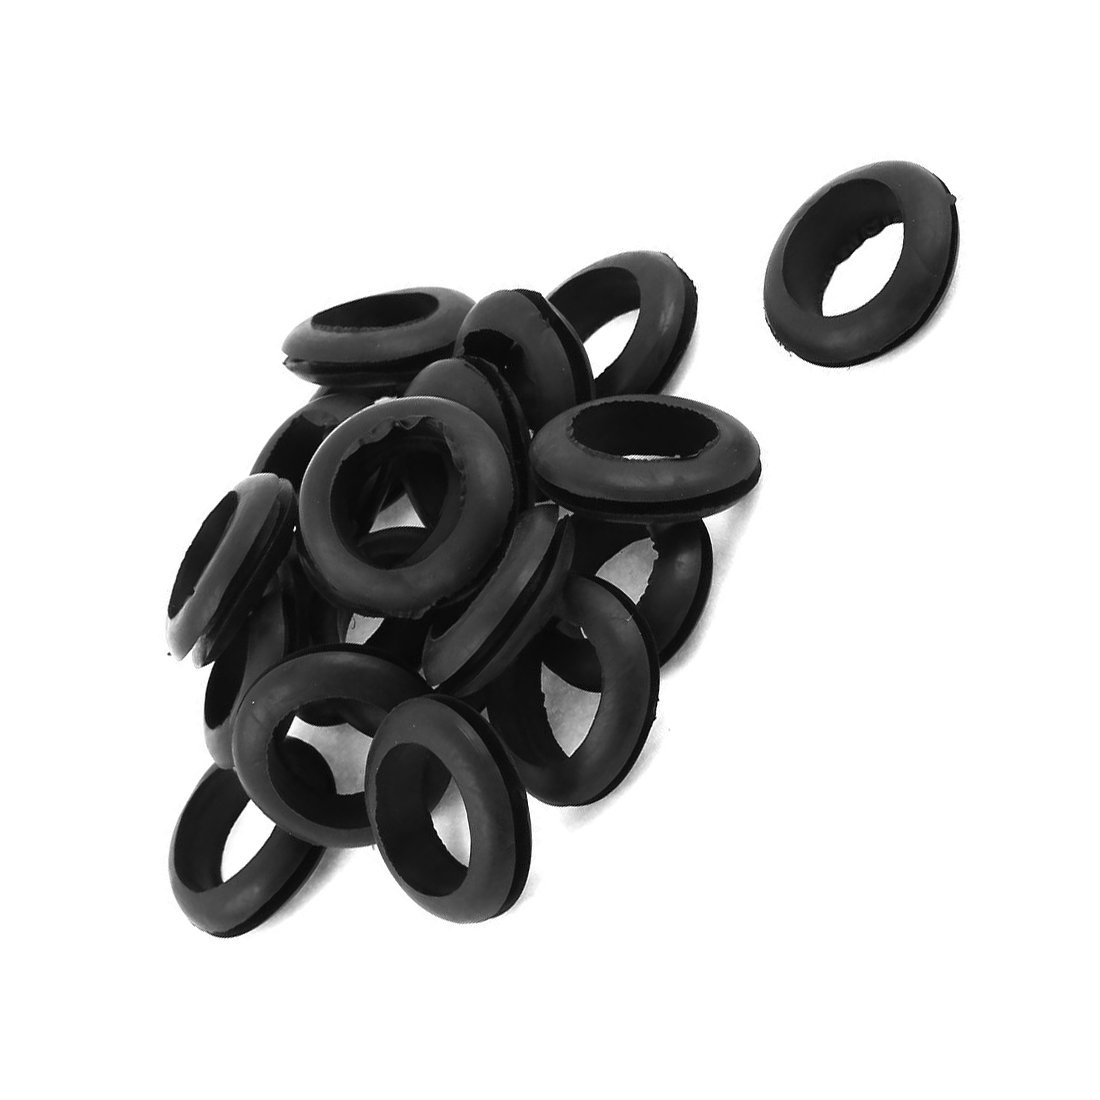 Moligh doll 20 x schwarz 20mm Loch Ring doppelseitig Gummituellen Kabel Durchfuehrung